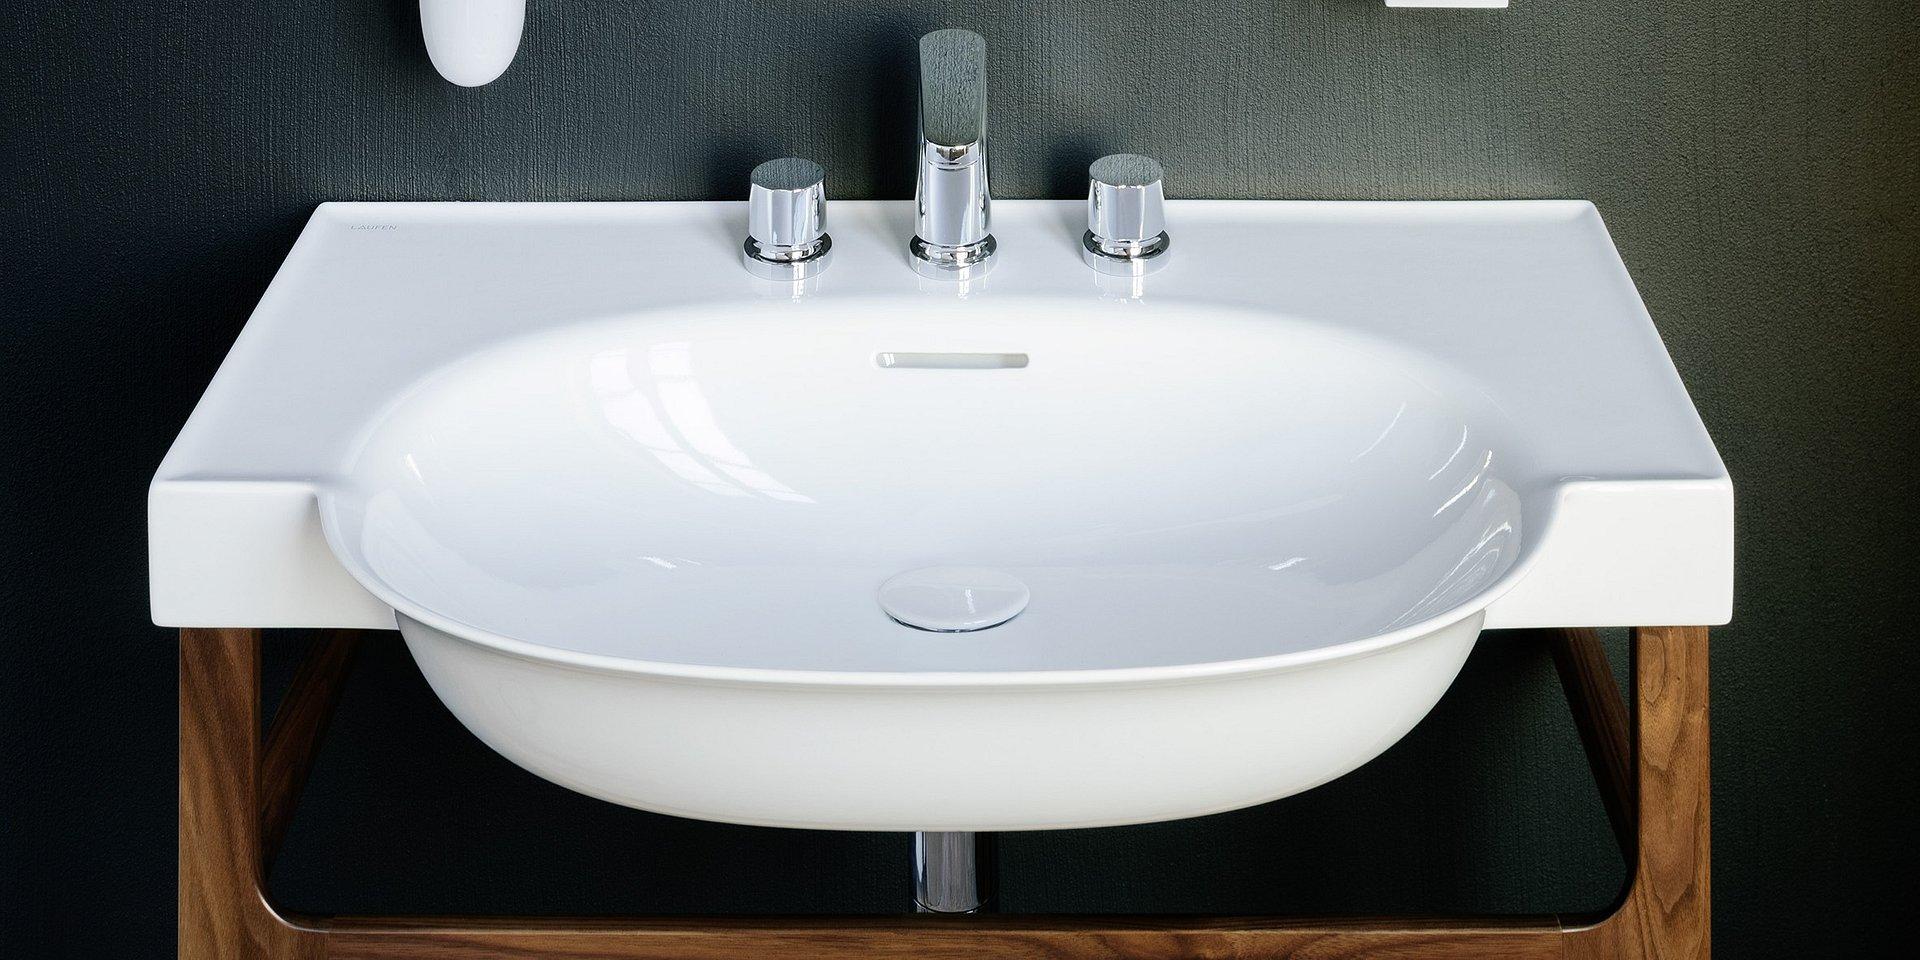 ISH - Targi trendów łazienkowych. Laufen definiuje łazienkę jako przestrzeń poetyczną, ale także ekstremalnie funkcjonalną.